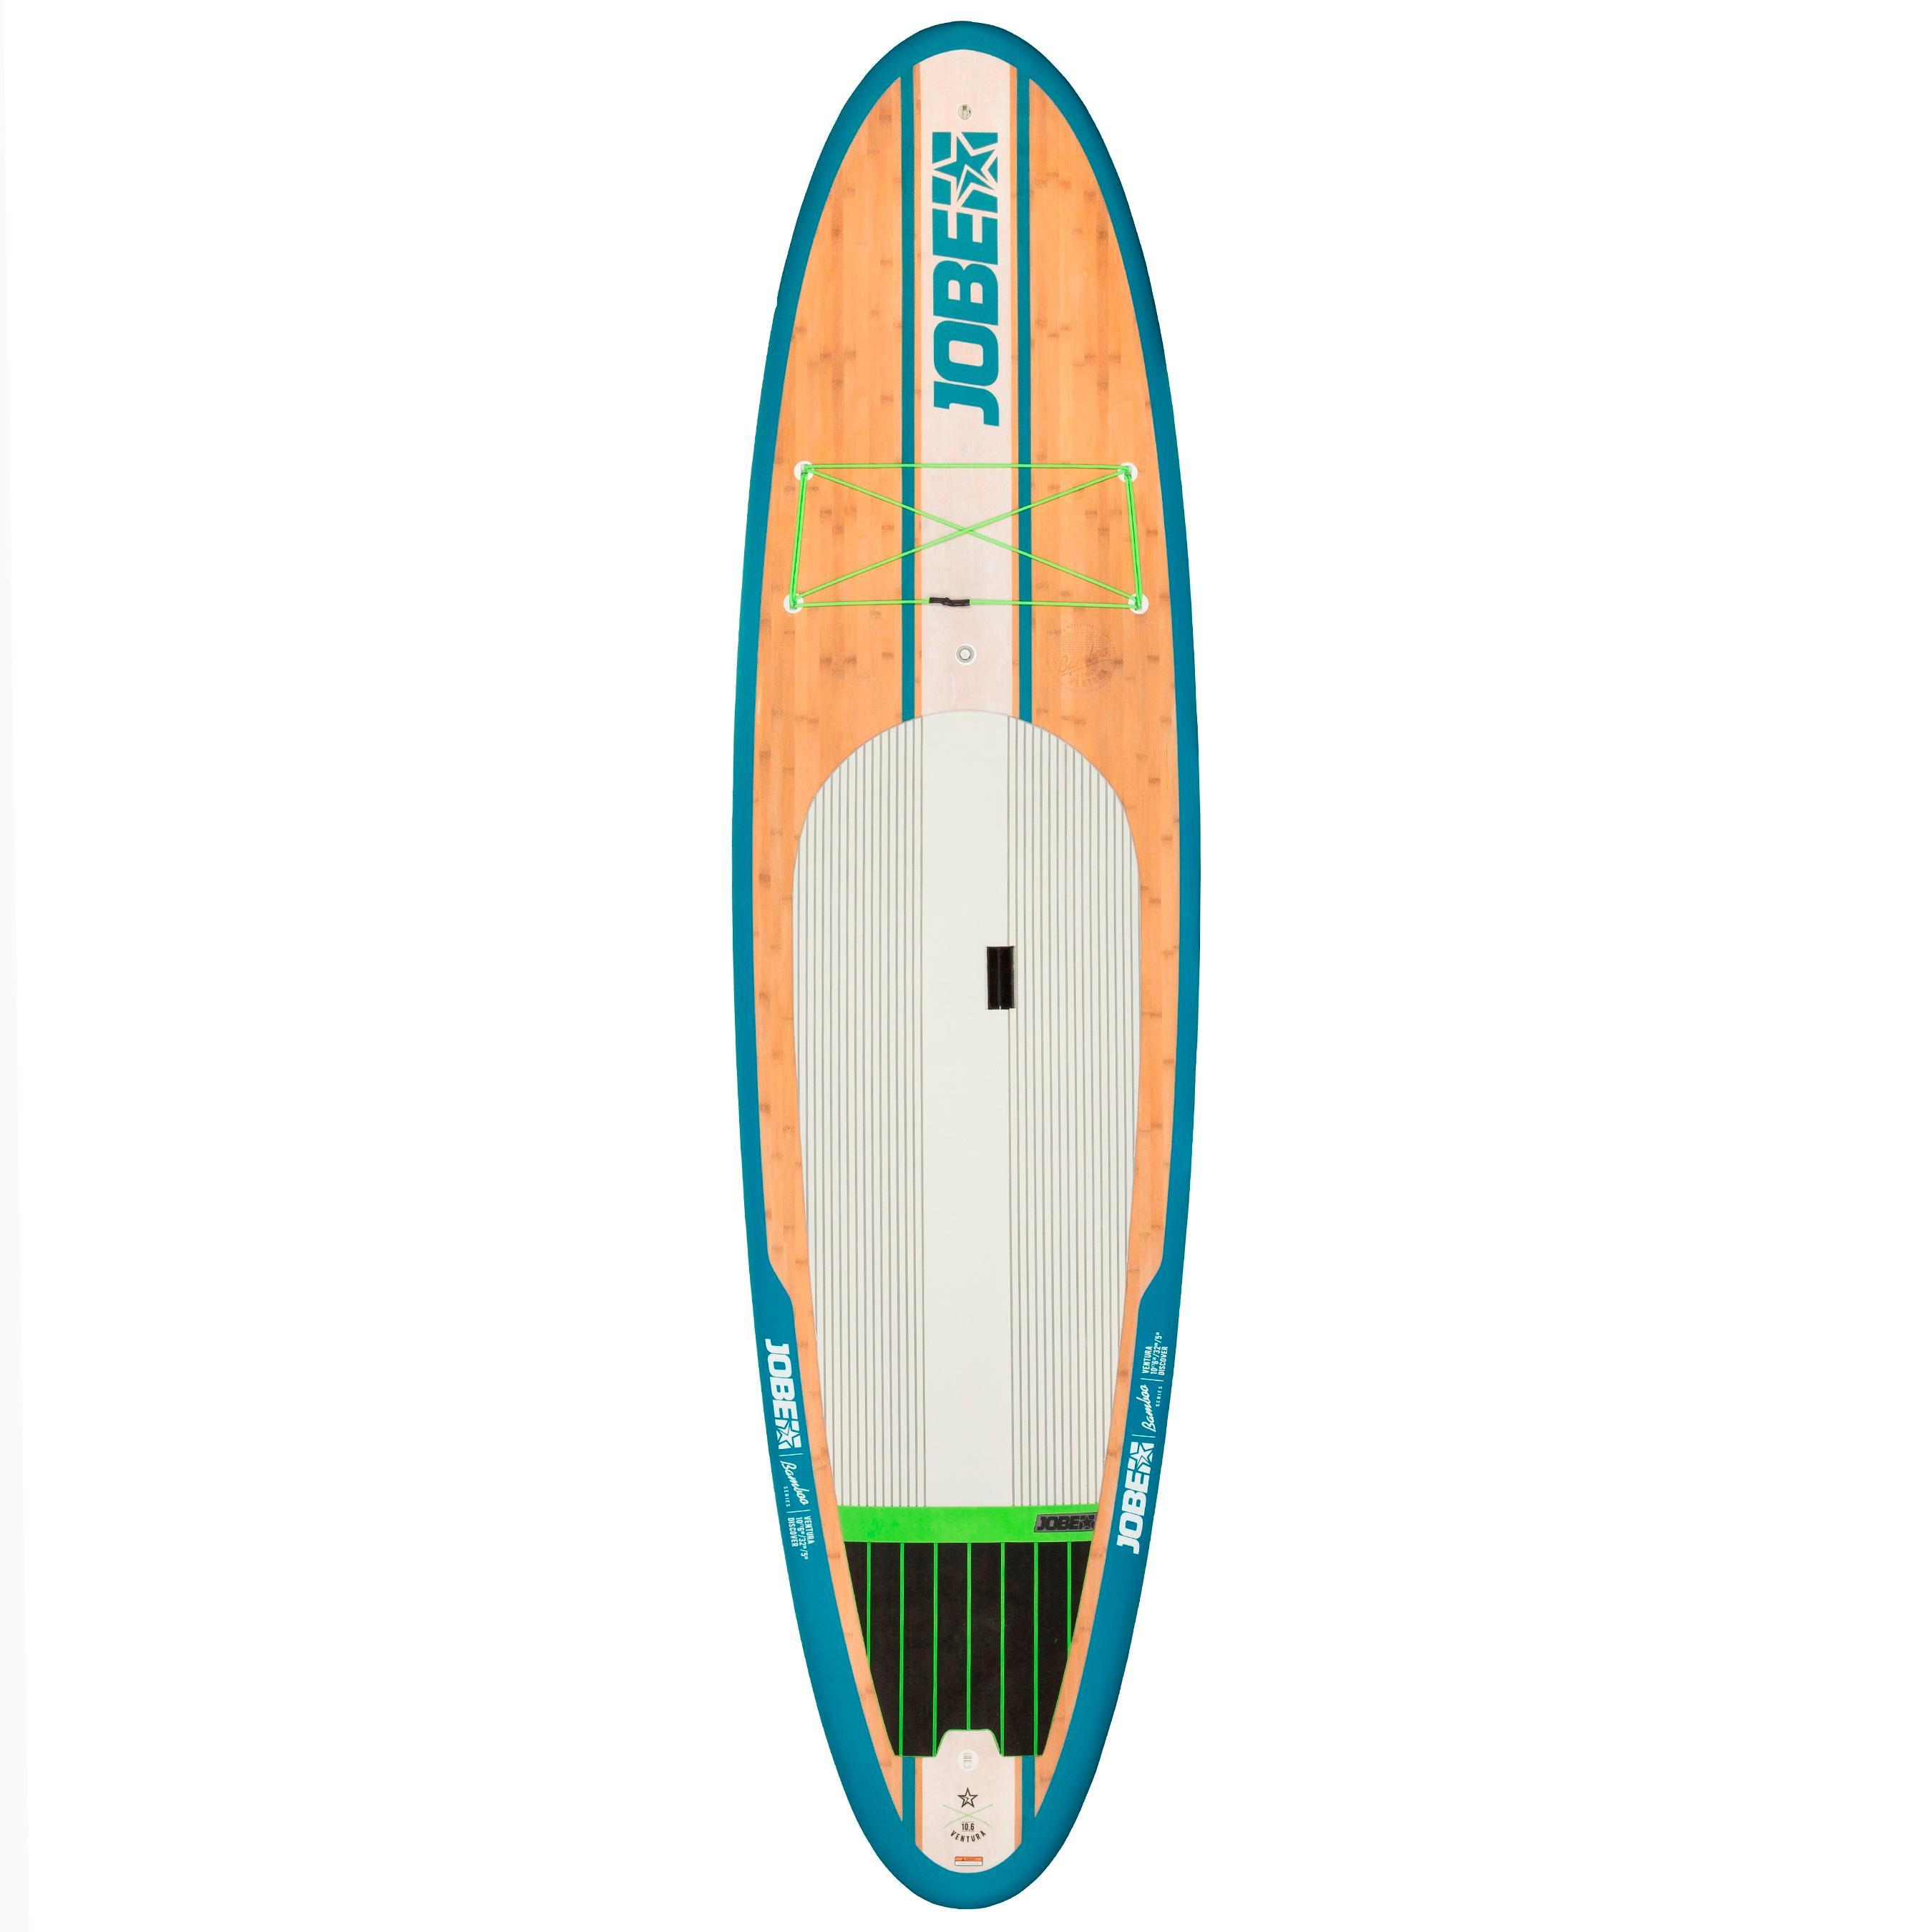 Jobe Hardshell supboard Ventura 10'6